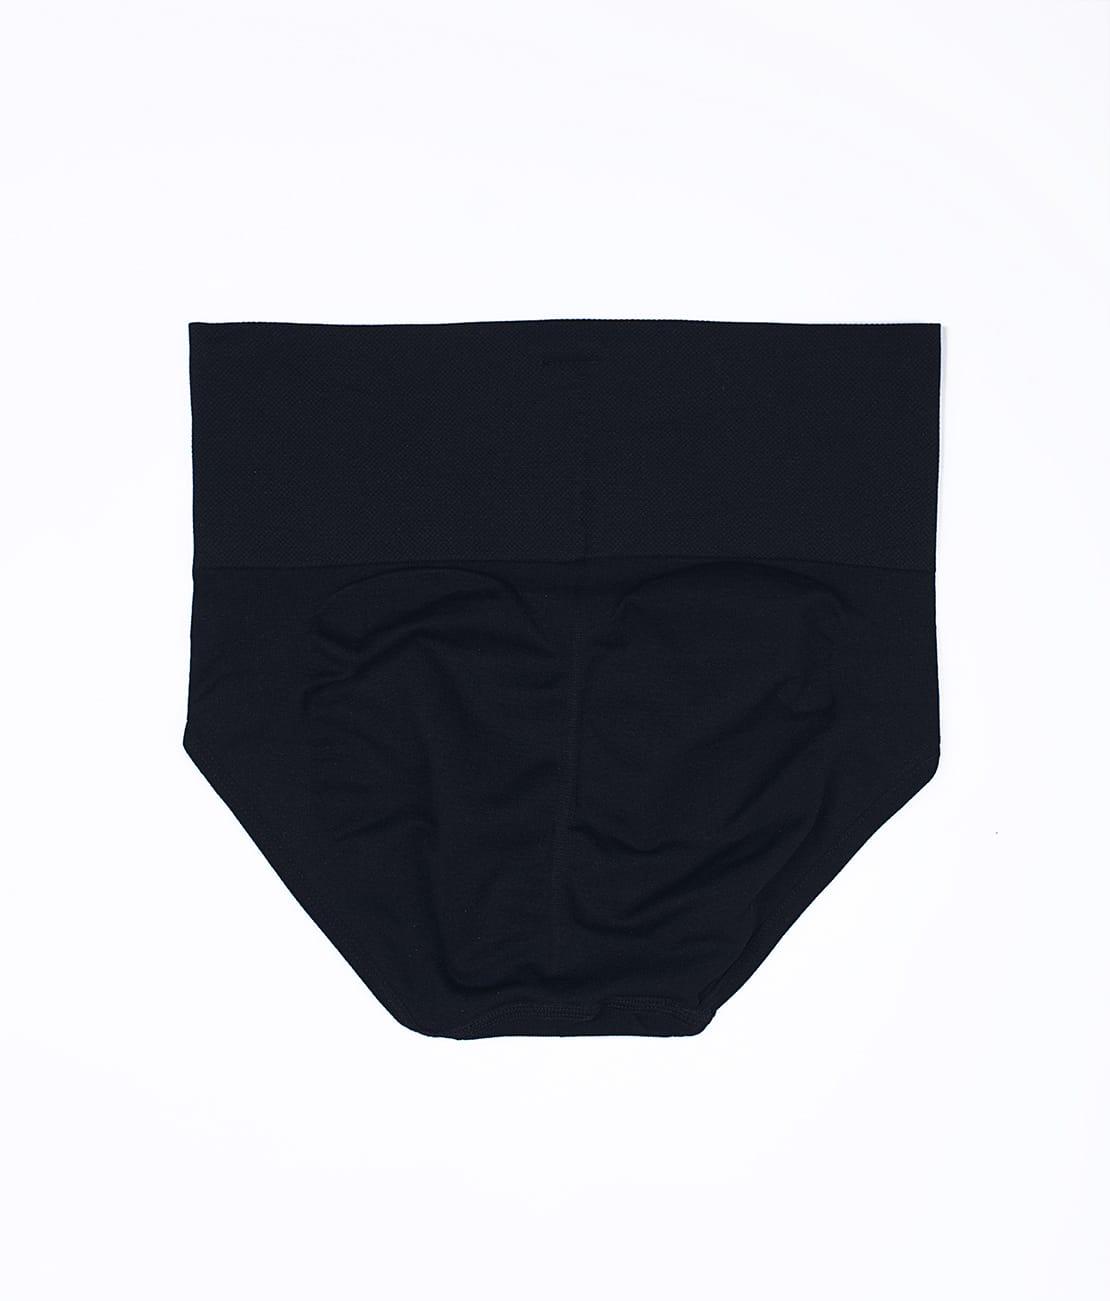 Culotte Taille Haute Noire Packshot Back